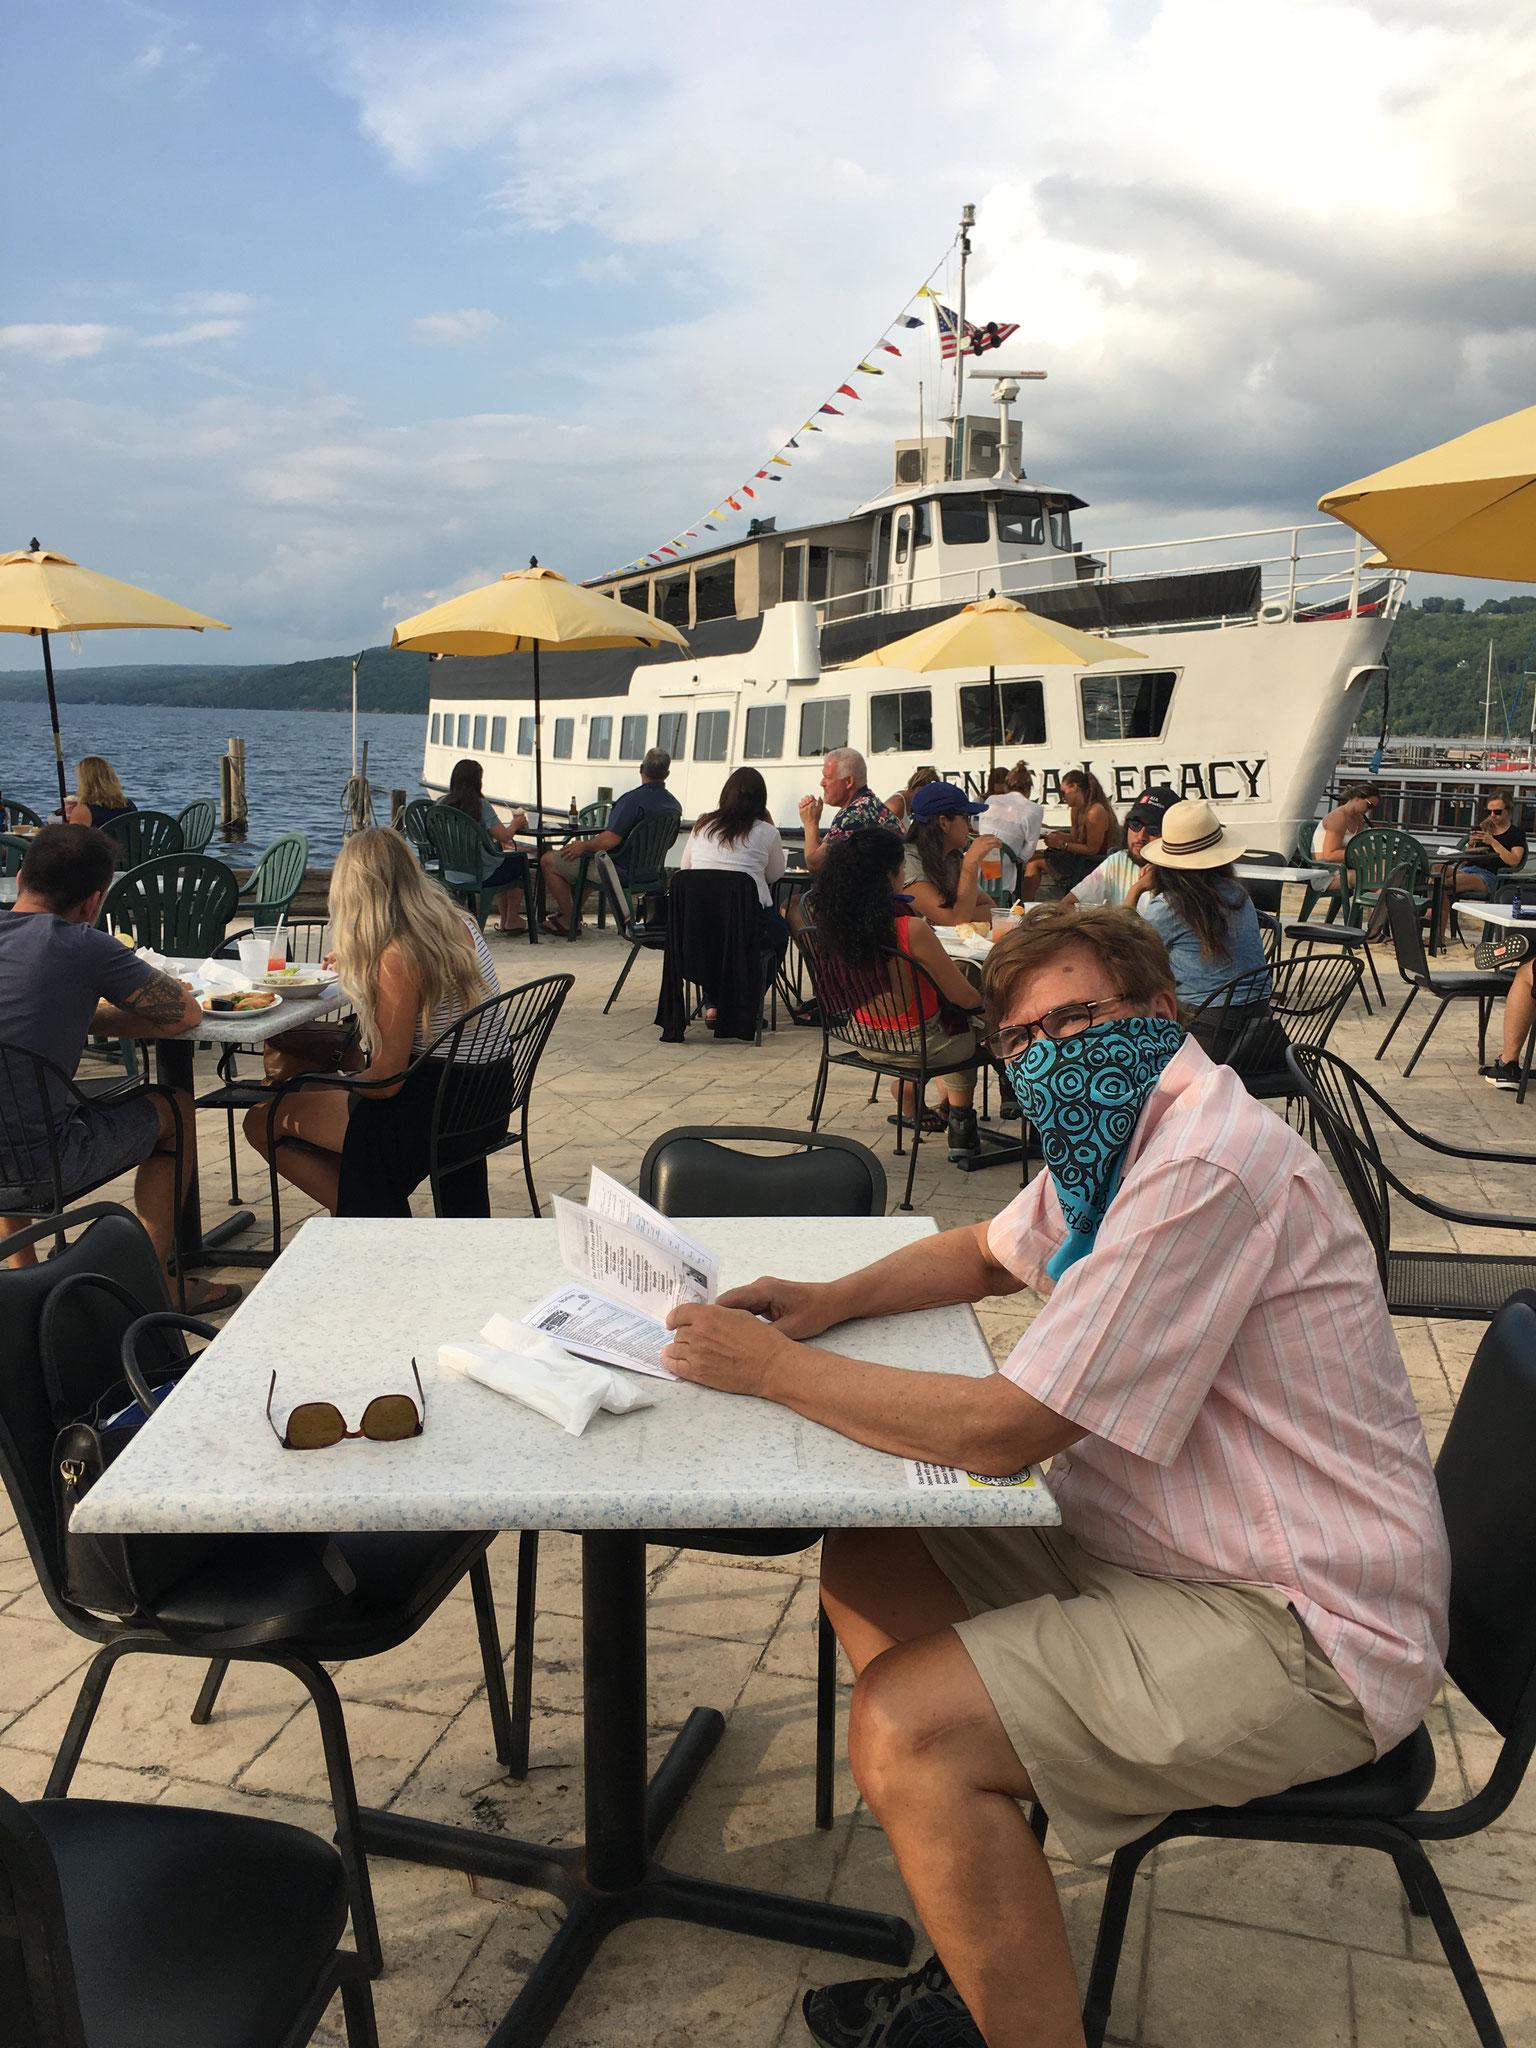 Eating at Seneca Lake, 8-2020